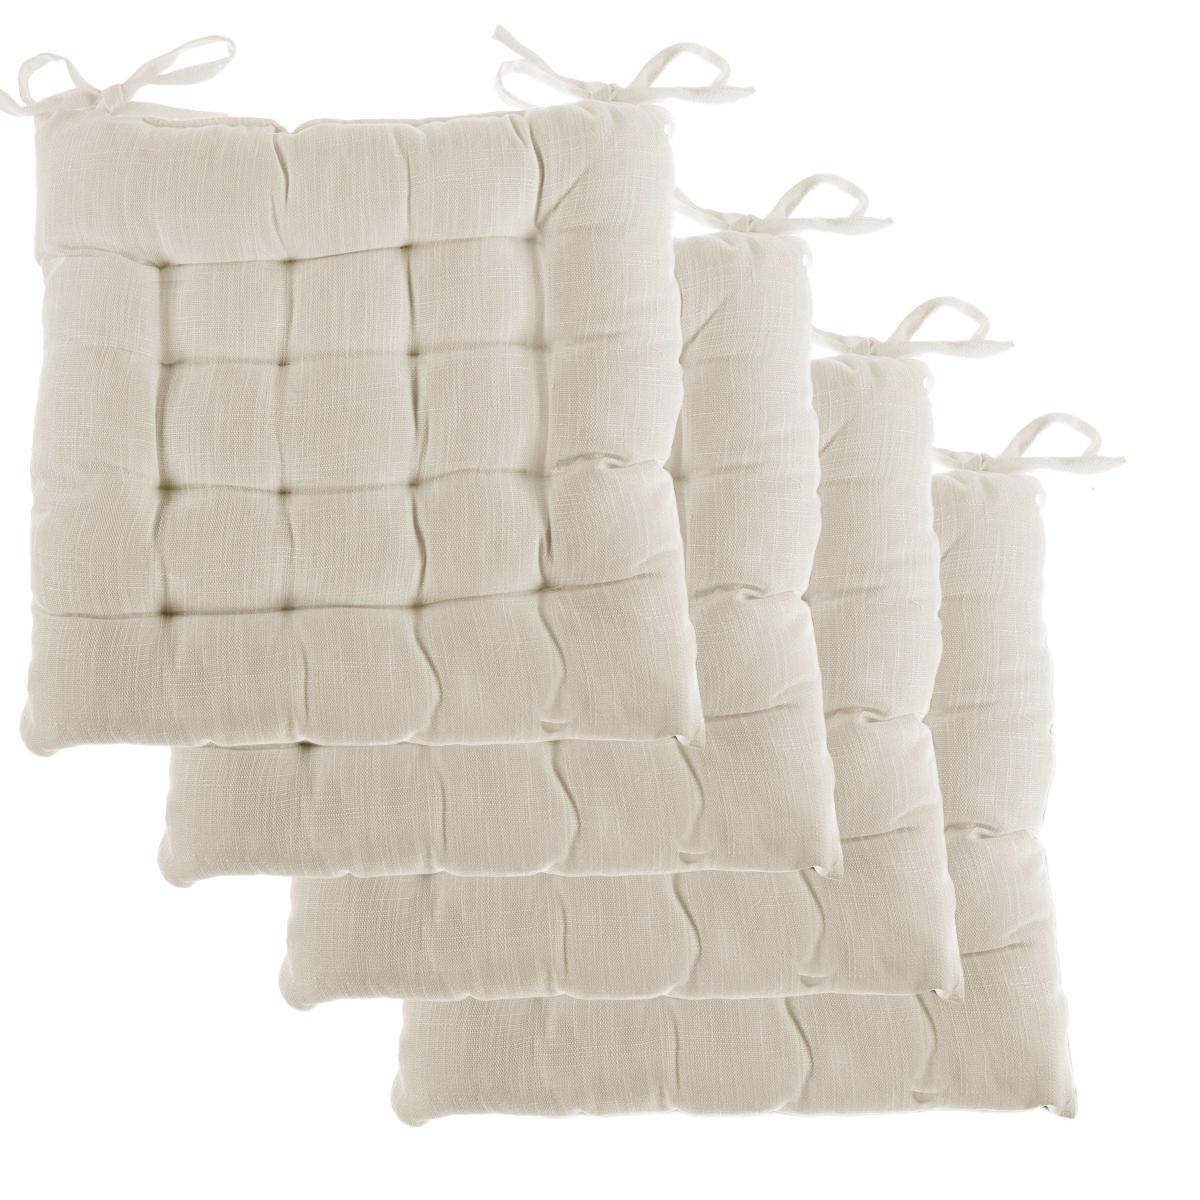 Chair Pillows #33 - 4pk-Dream-Home-Chair-Pads-Square-Tufted-Cushion-